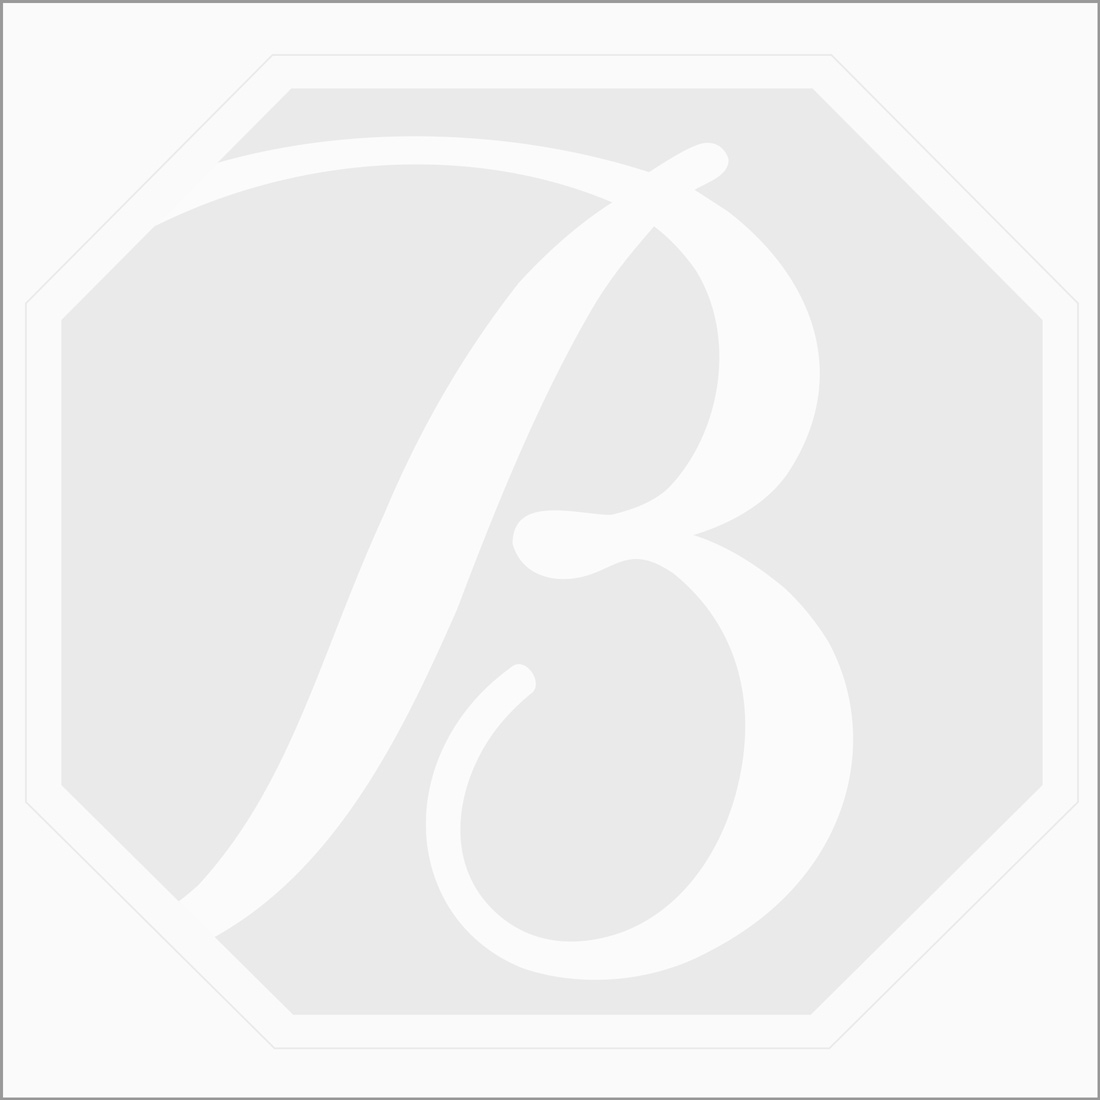 2 Pcs - 6.38 ct. - Green Tourmaline Rose Cut -11.7 x 9.3 x 3.8 mm to 11 x 9.8 x 3 mm (TRC1094)